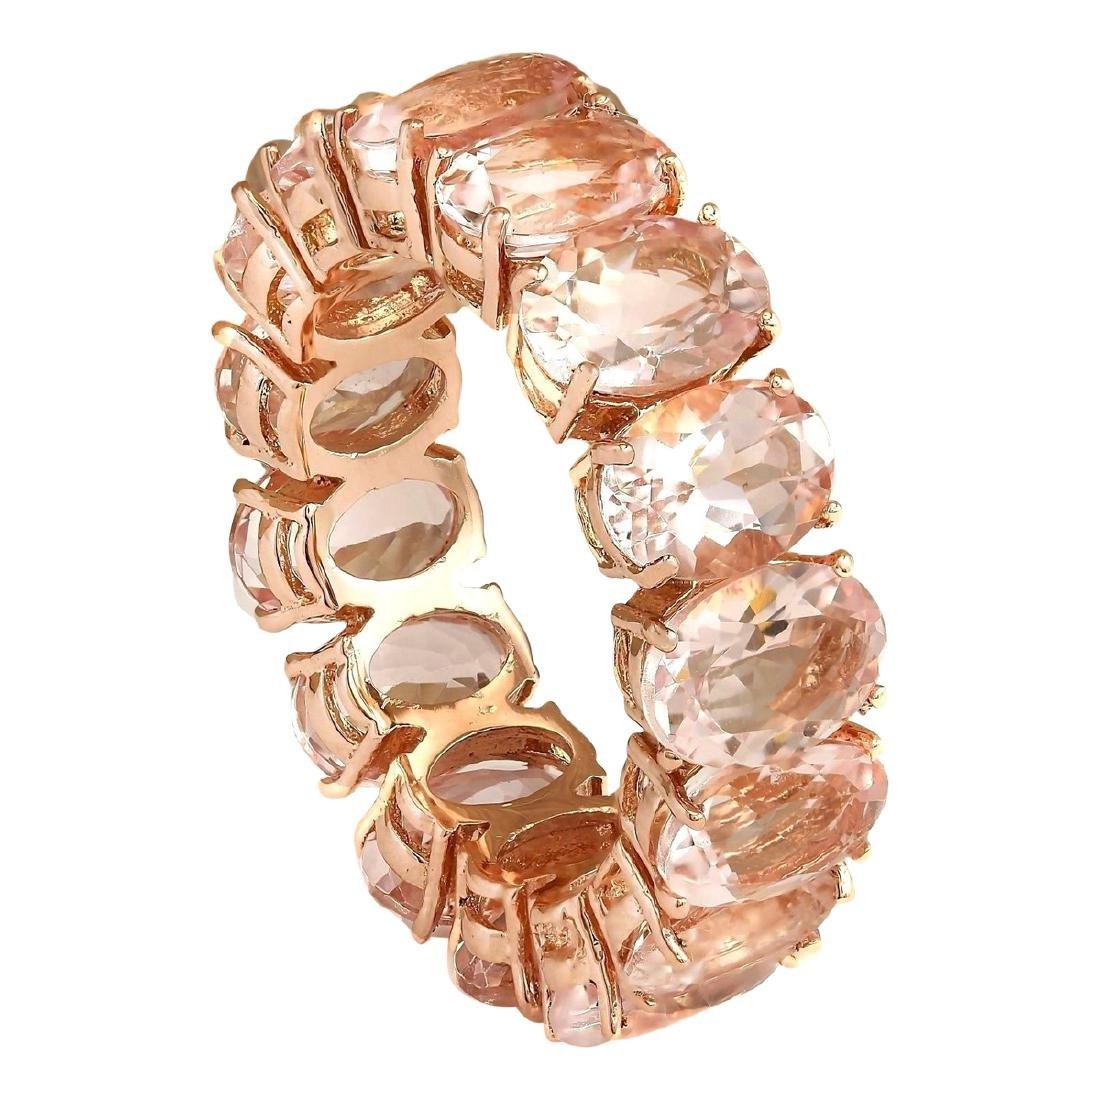 11.10 CTW Natural Morganite Ring In 18K Rose Gold - 2